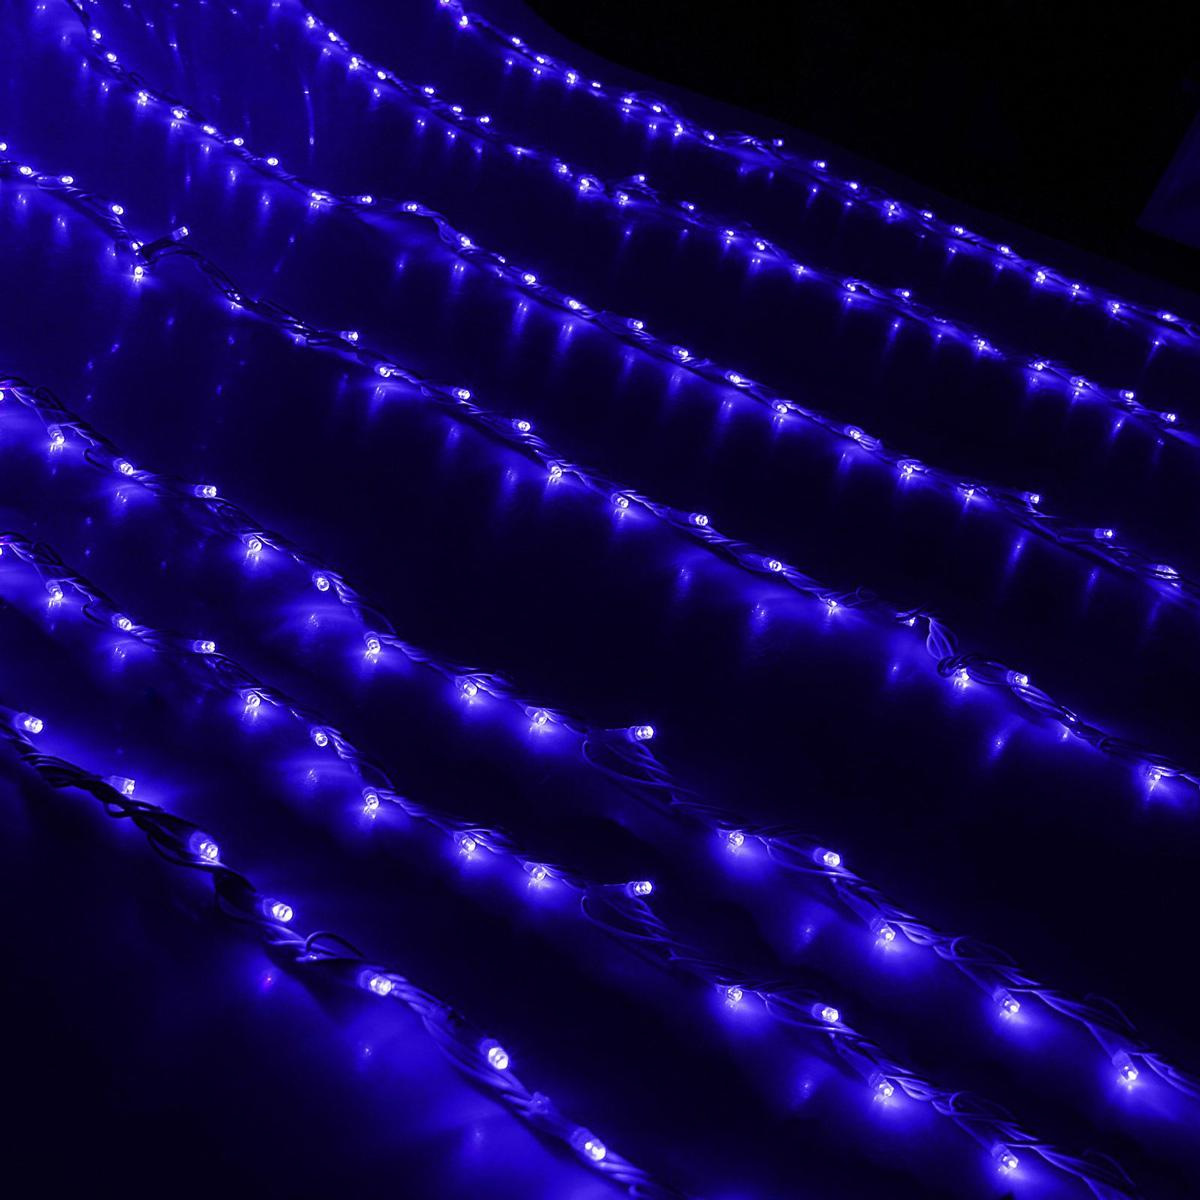 Гирлянда светодиодная Luazon Дождь, уличная, 800 ламп, 220 V, цвет: синий, 2 х 3 м. 10801991080199Светодиодные гирлянды, ленты и т.д — это отличный вариант для новогоднего оформления интерьера или фасада. С их помощью помещение любого размера можно превратить в праздничный зал, а внешние элементы зданий, украшенные ими, мгновенно станут напоминать очертания сказочного дворца. Такие украшения создают ауру предвкушения чуда. Деревья, фасады, витрины, окна и арки будто специально созданы, чтобы вы украсили их светящимися нитями.